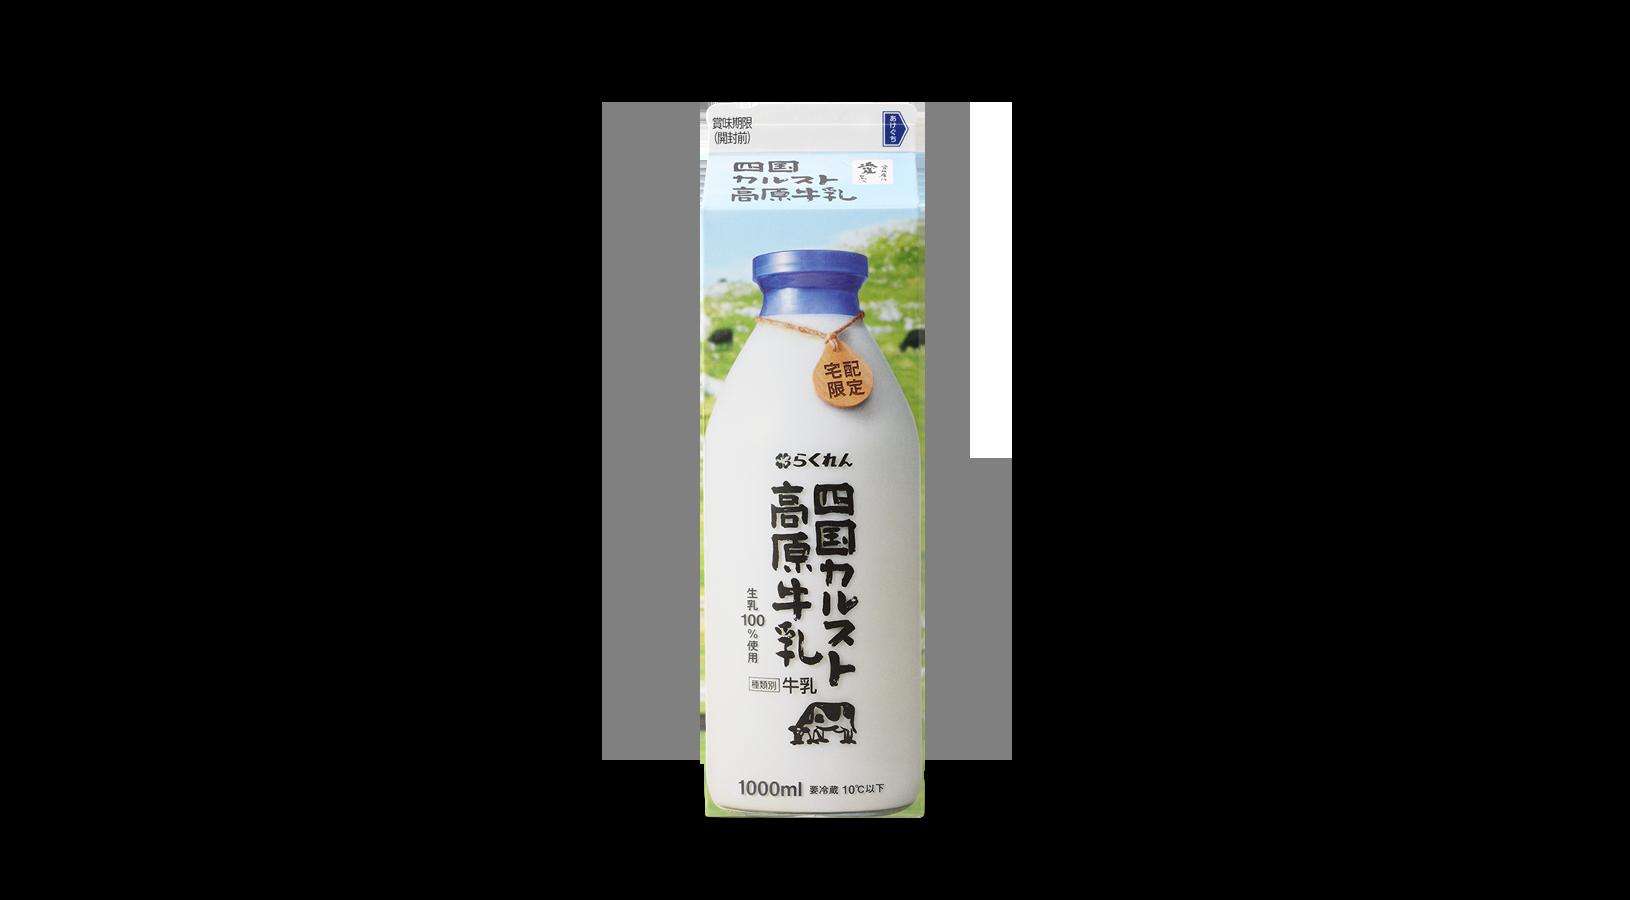 商品イメージ:宅配用四国カルスト高原牛乳